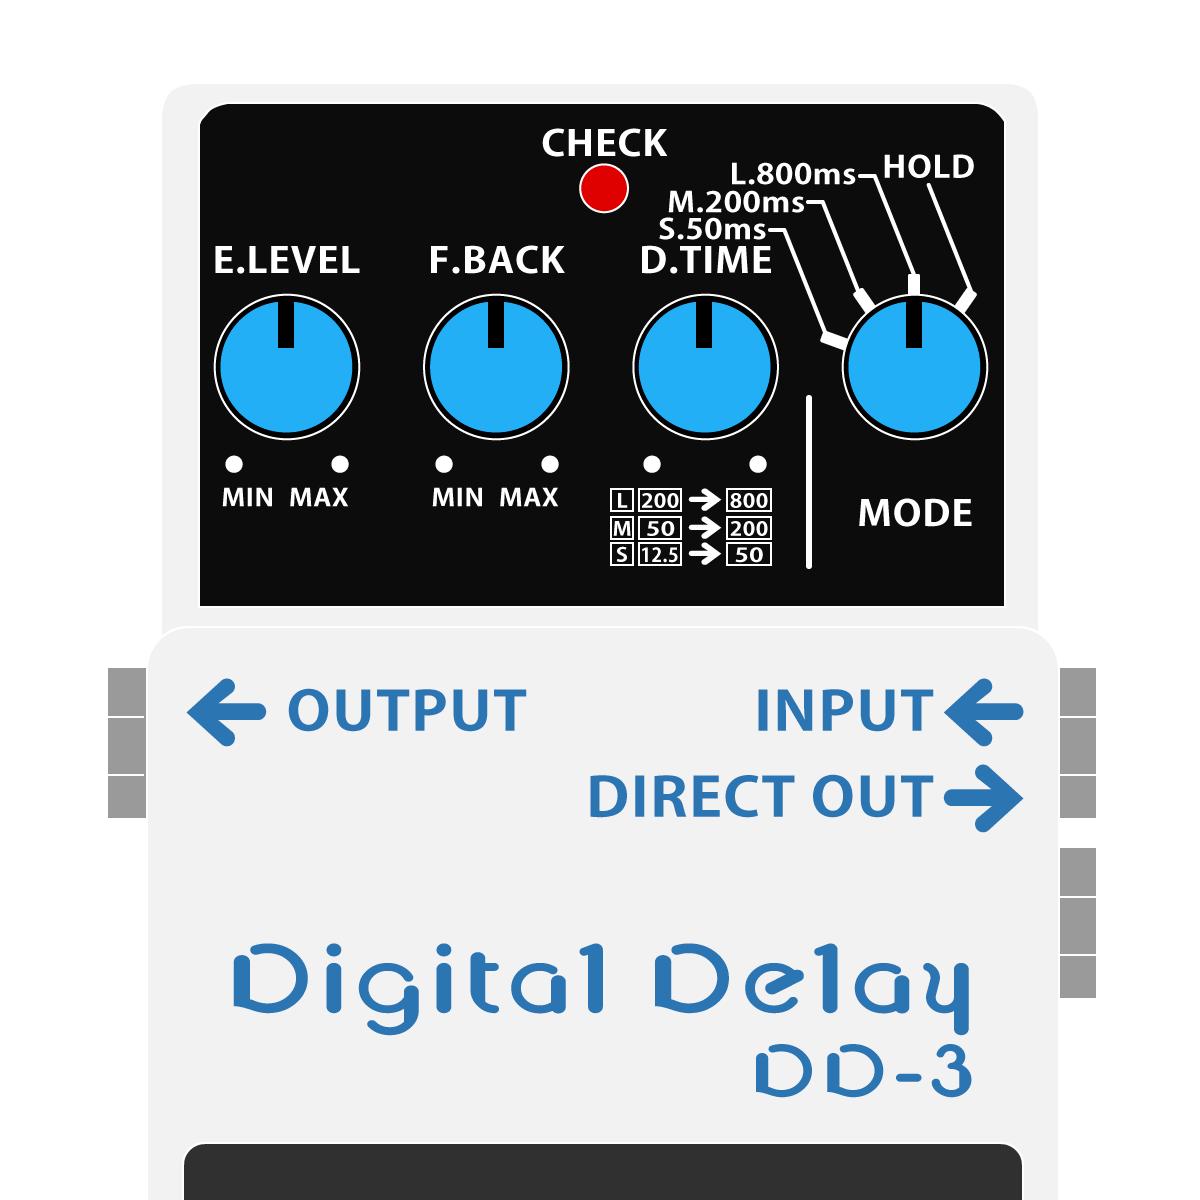 DD-3 Digital Delay(デジタルディレイ)